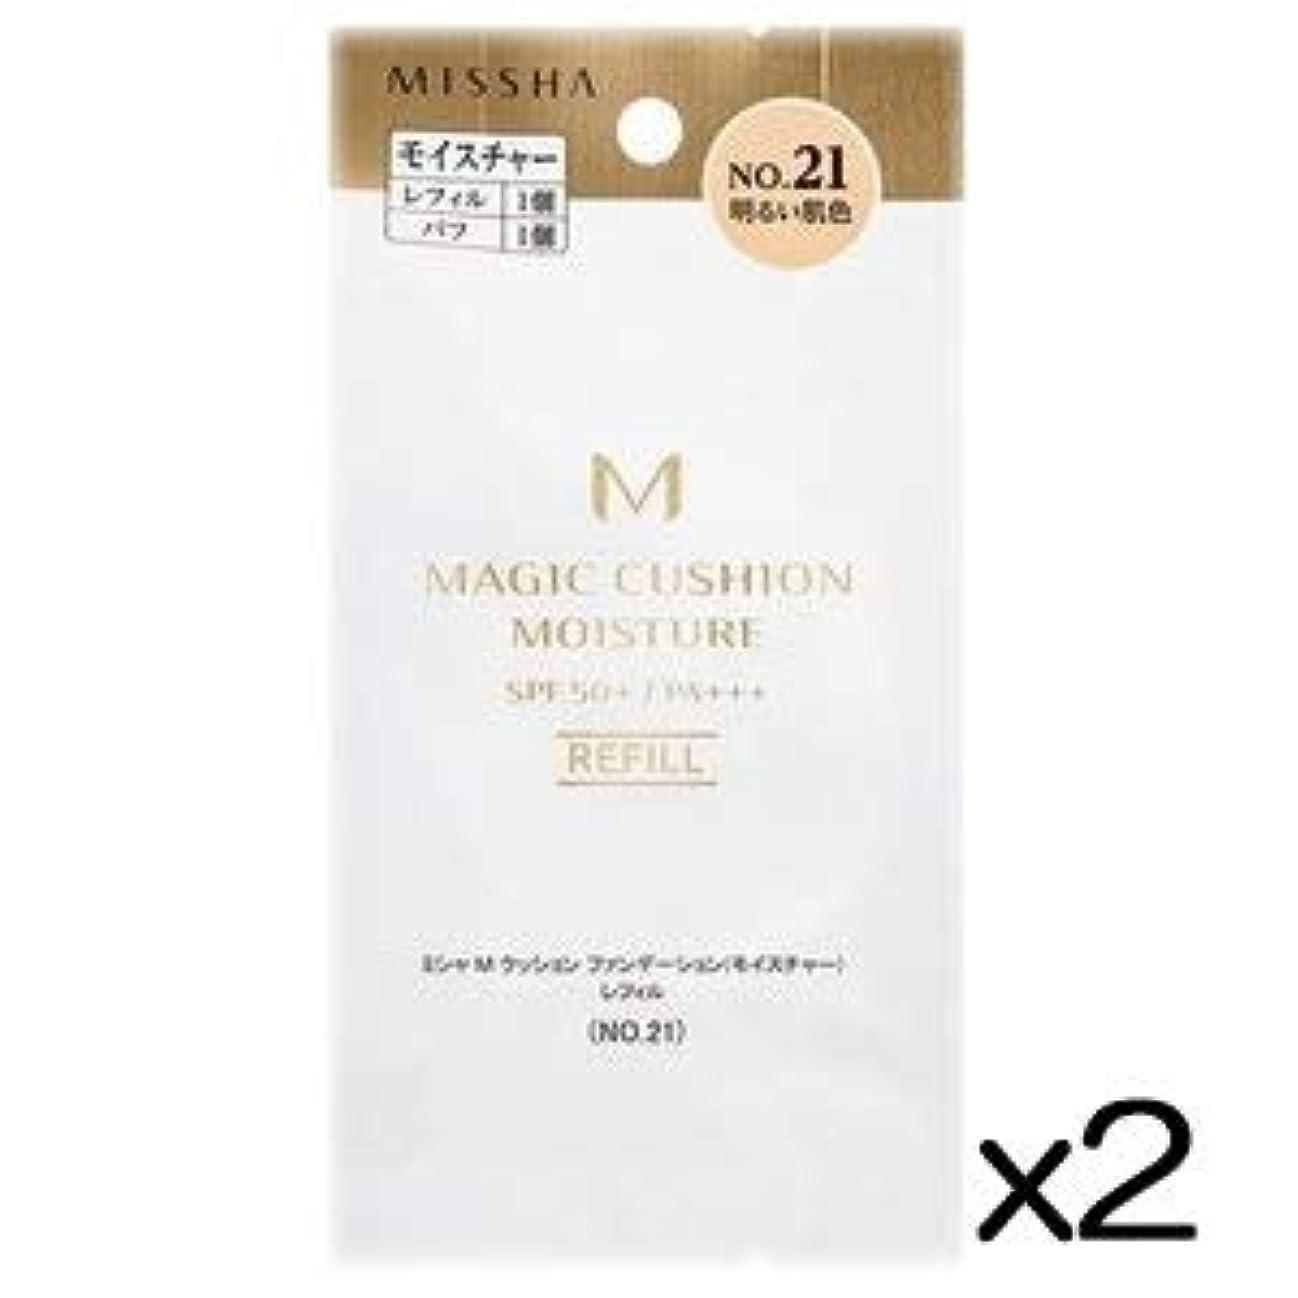 バランスパネル上向きミシャ M クッション ファンデーション (モイスチャー) No.21 明るい肌色 レフィル 15g×2個セット